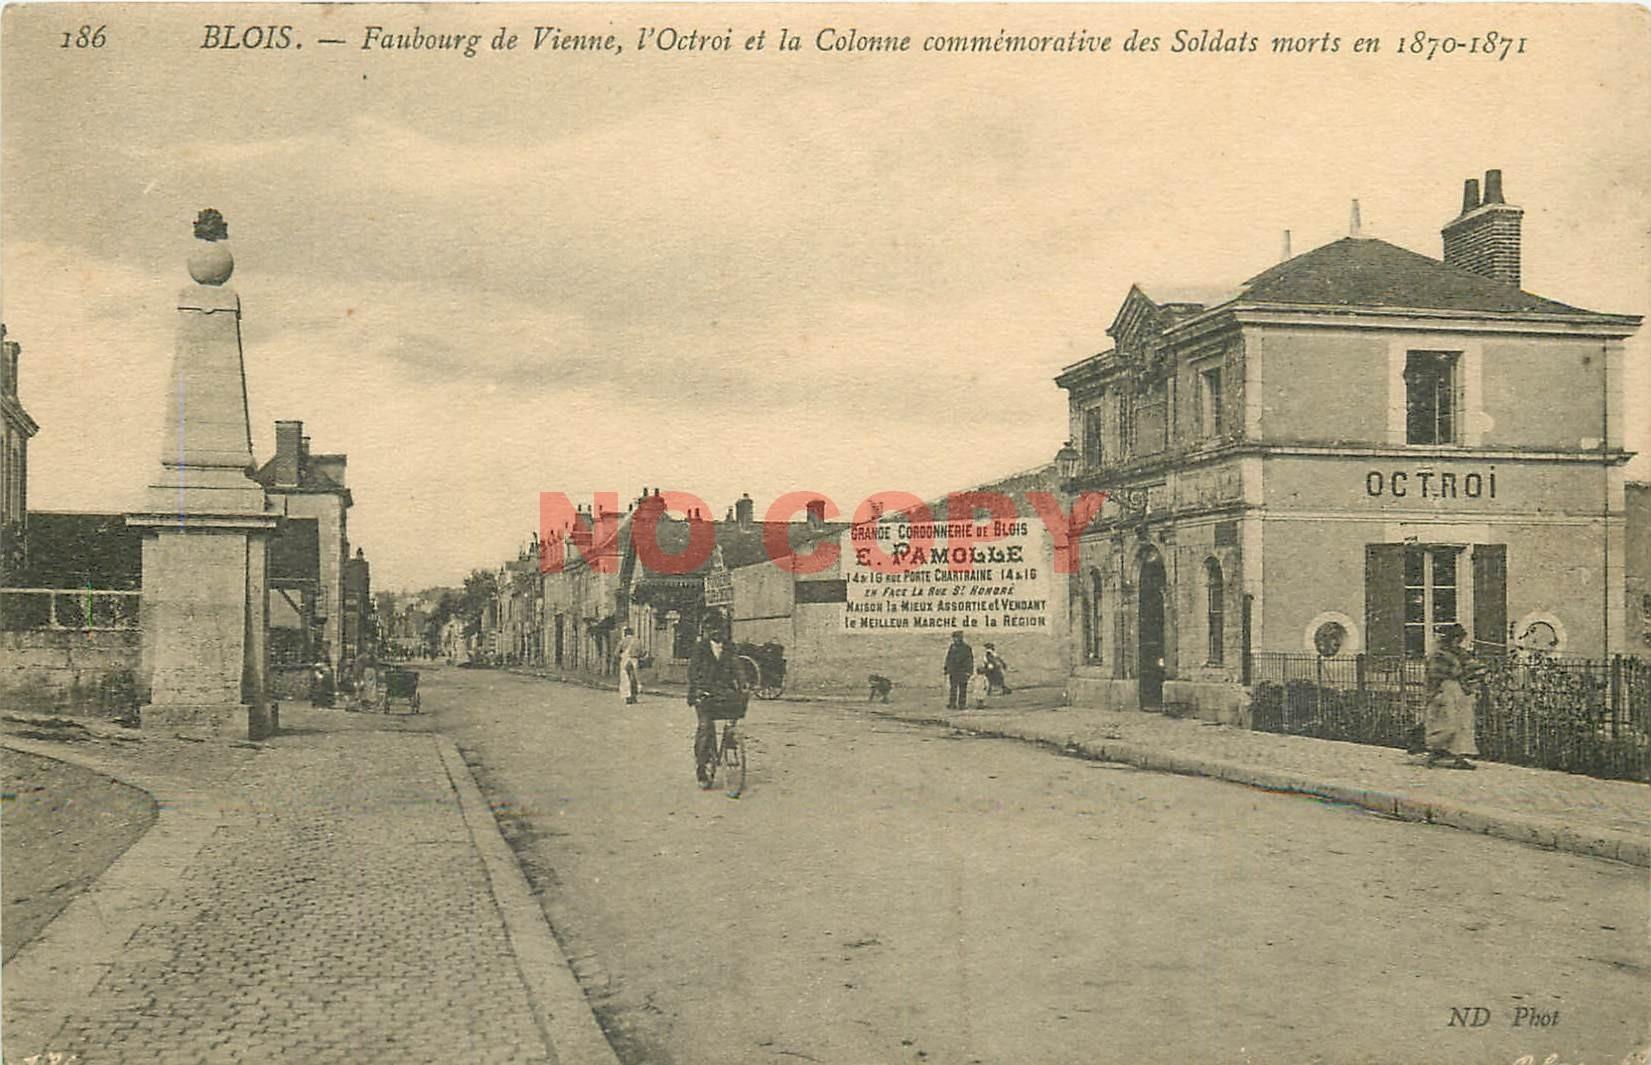 41 BLOIS. Octroi et Colonne Faubourg de Vienne